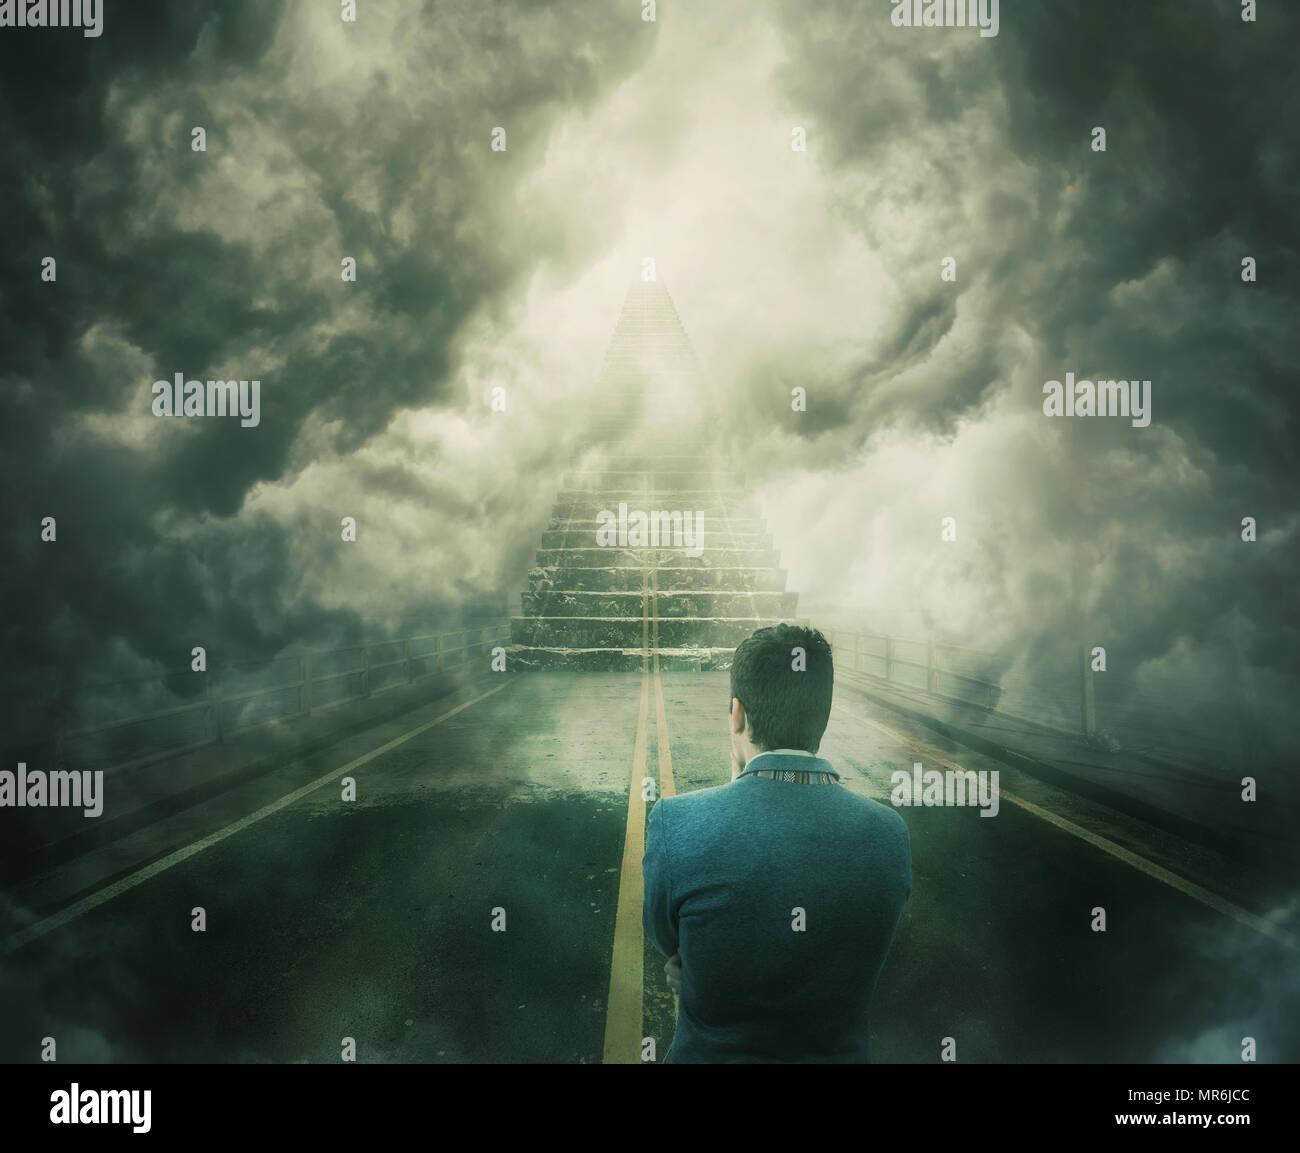 Mystic visualizza come un uomo in piedi sulla strada si trasforma in una scala che va fino al cielo sconosciuto. Decisione difficile, concetto di scelta importante. 0 Immagini Stock